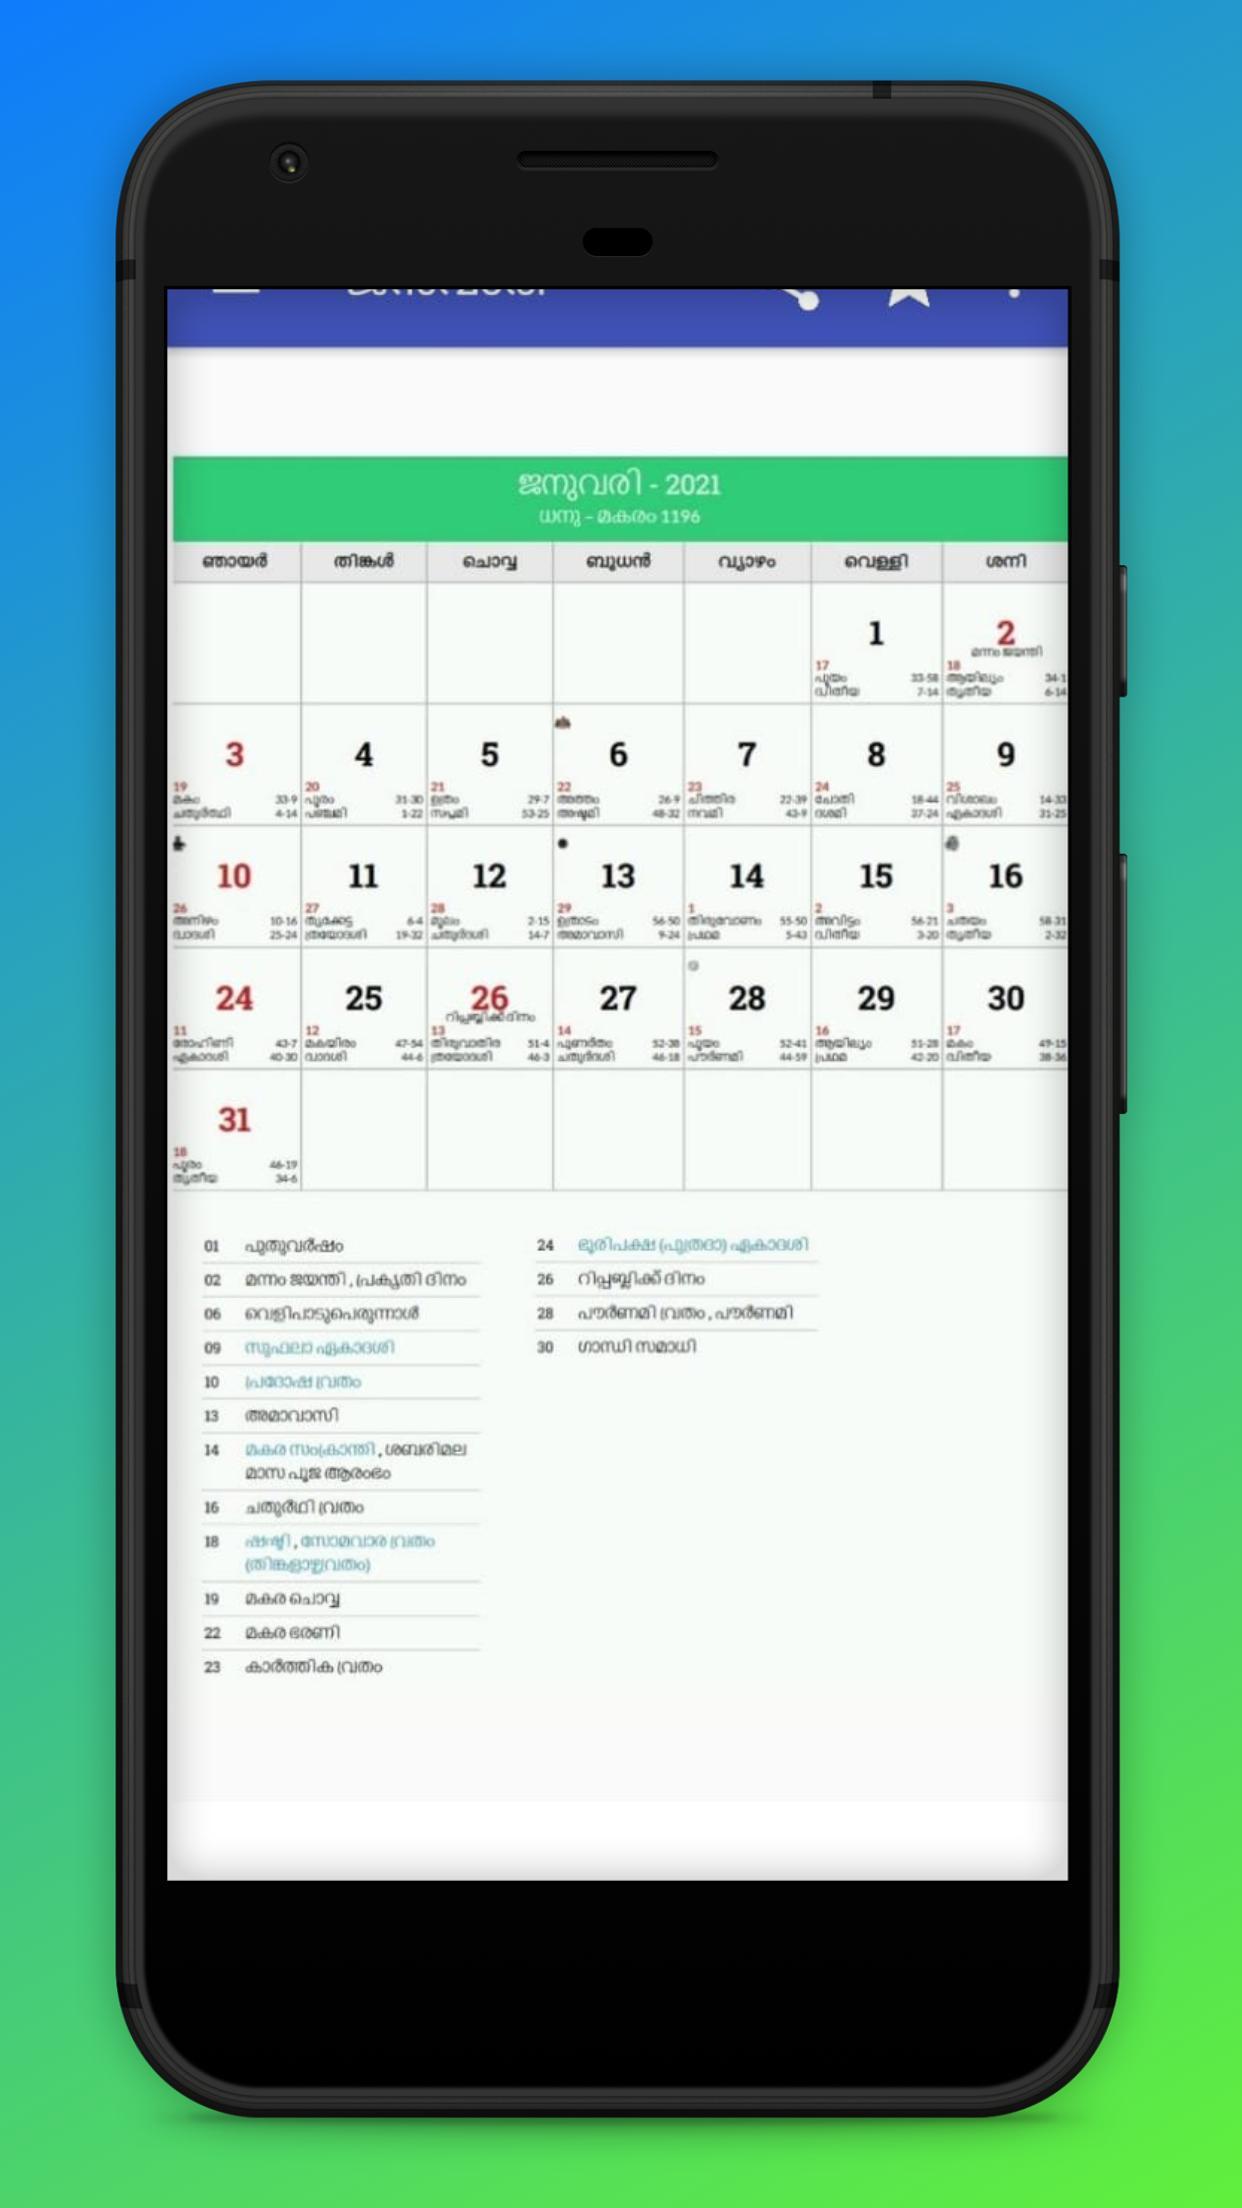 Malayalam Calendar 2021 For Android  Apk Download regarding Malayala Manorama Calendar 2021 November